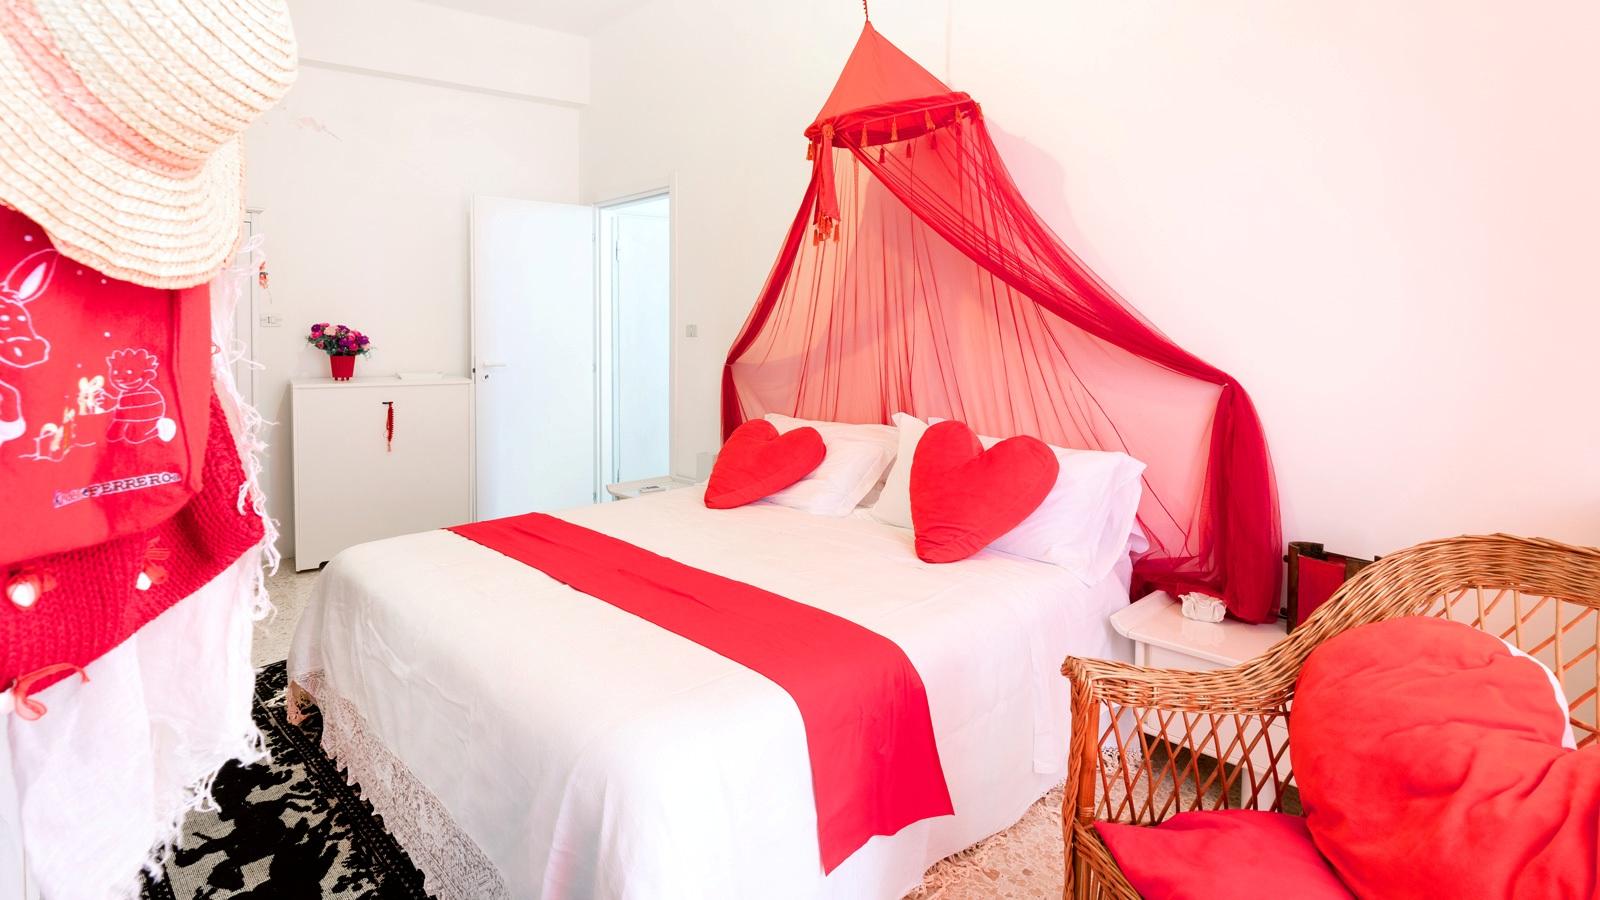 vacanze ostuni casa corallo camera matrimoniale